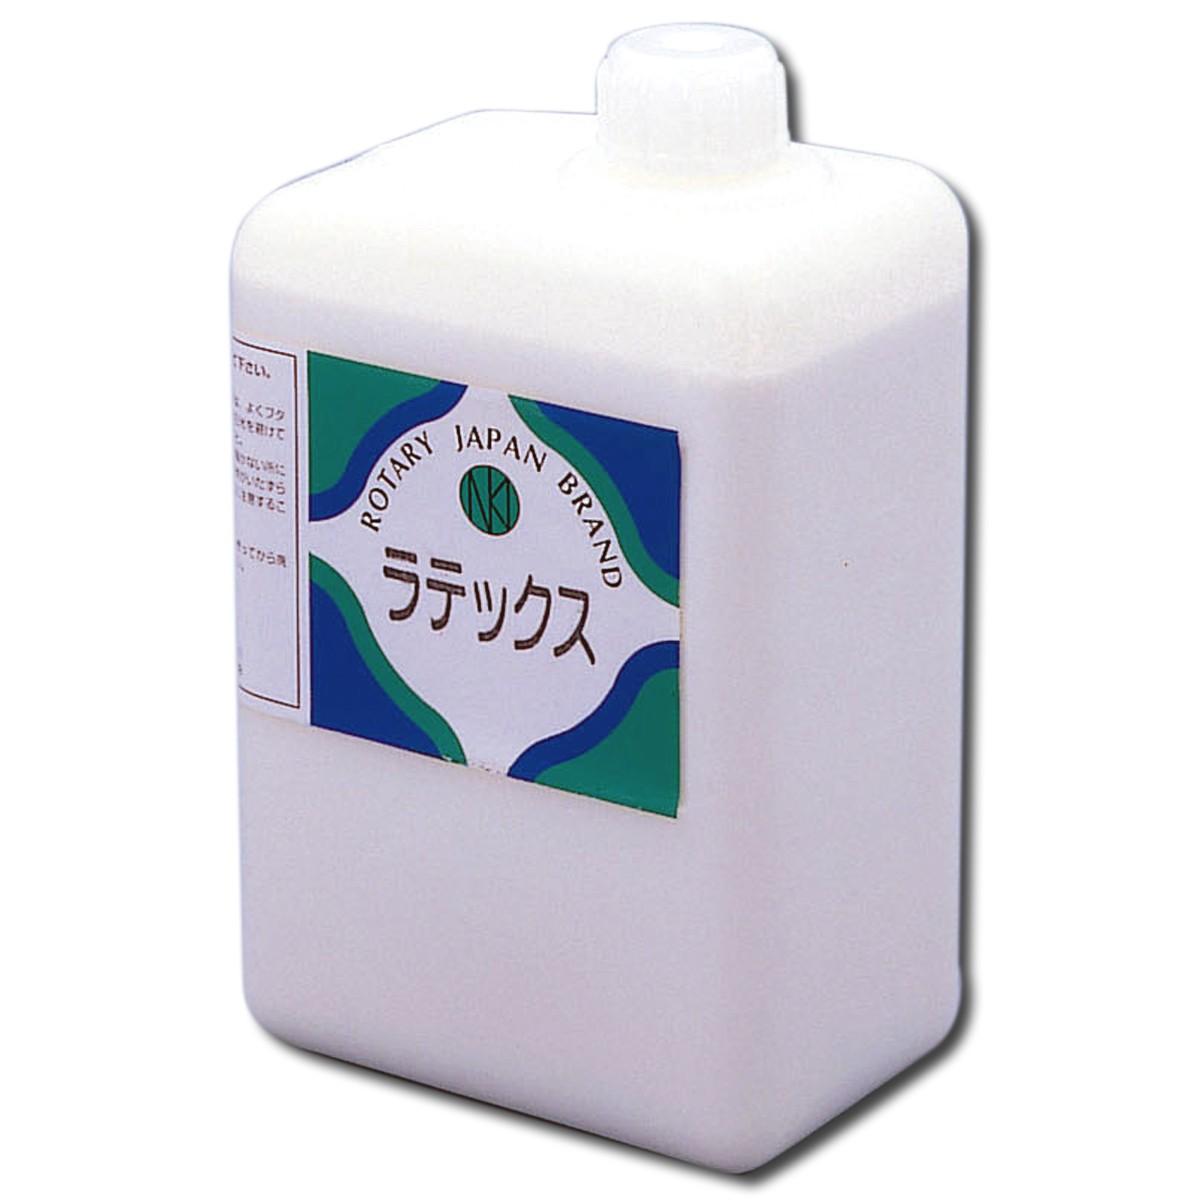 食酢で固まるゴム液 ラテックス 1L 【 ラテックス 造形 ゴム液 】